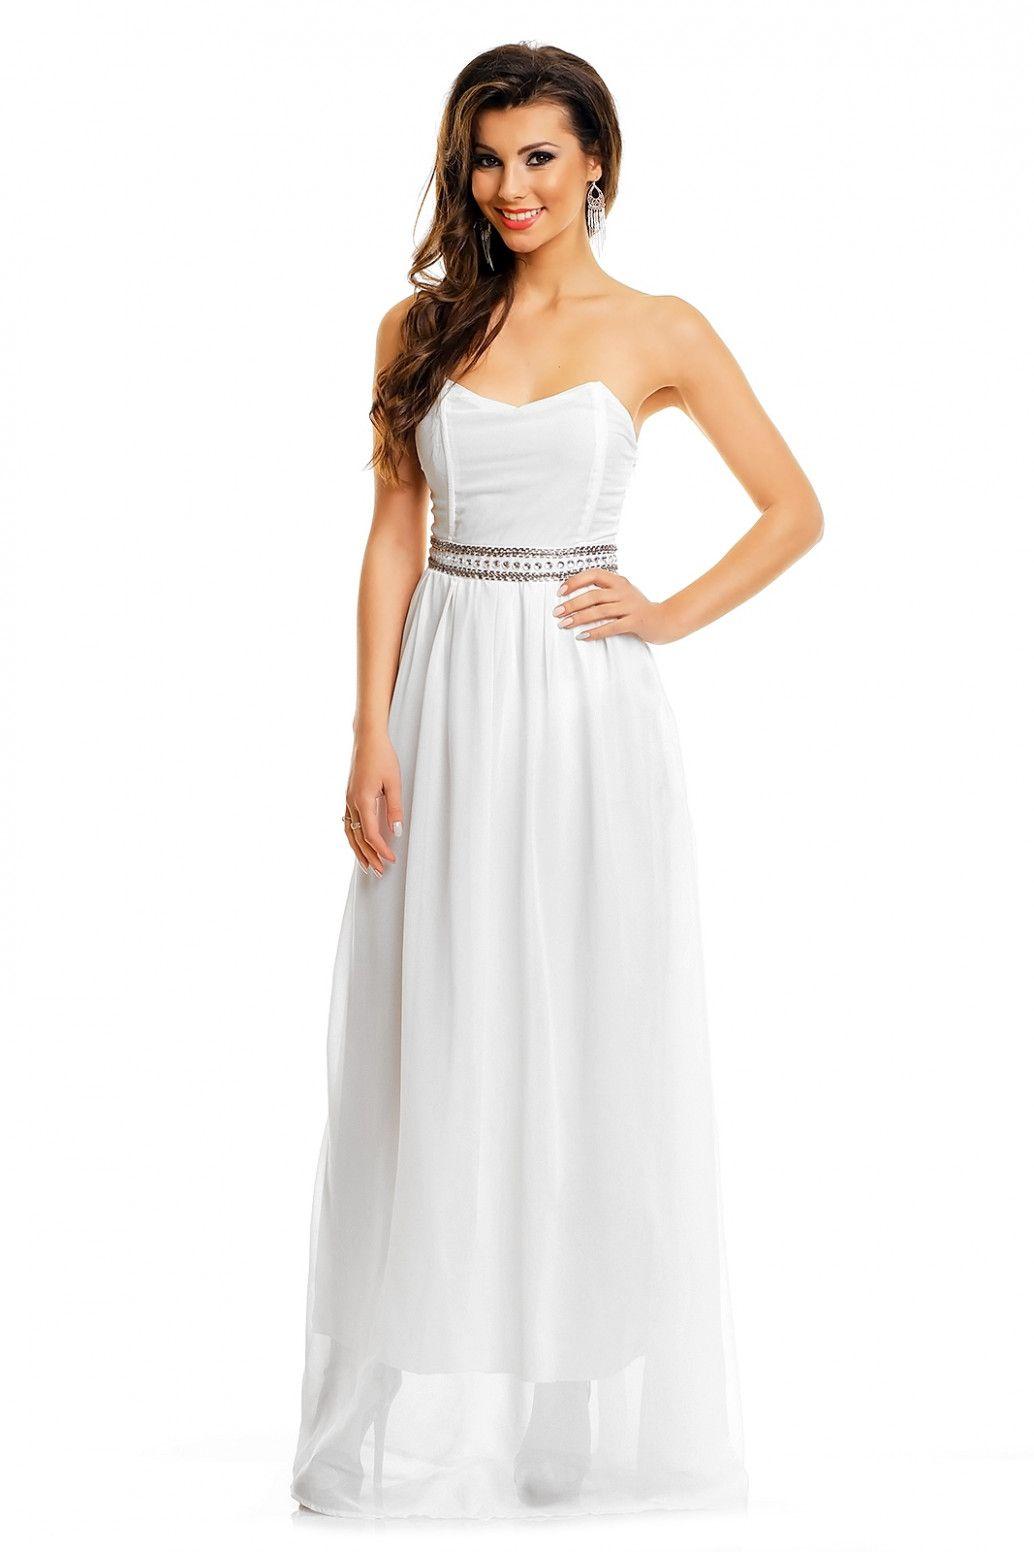 14 Abendkleider Lang In Weiss In 2020 Abendkleid Schwarz Abendkleid Abendkleid Weiss